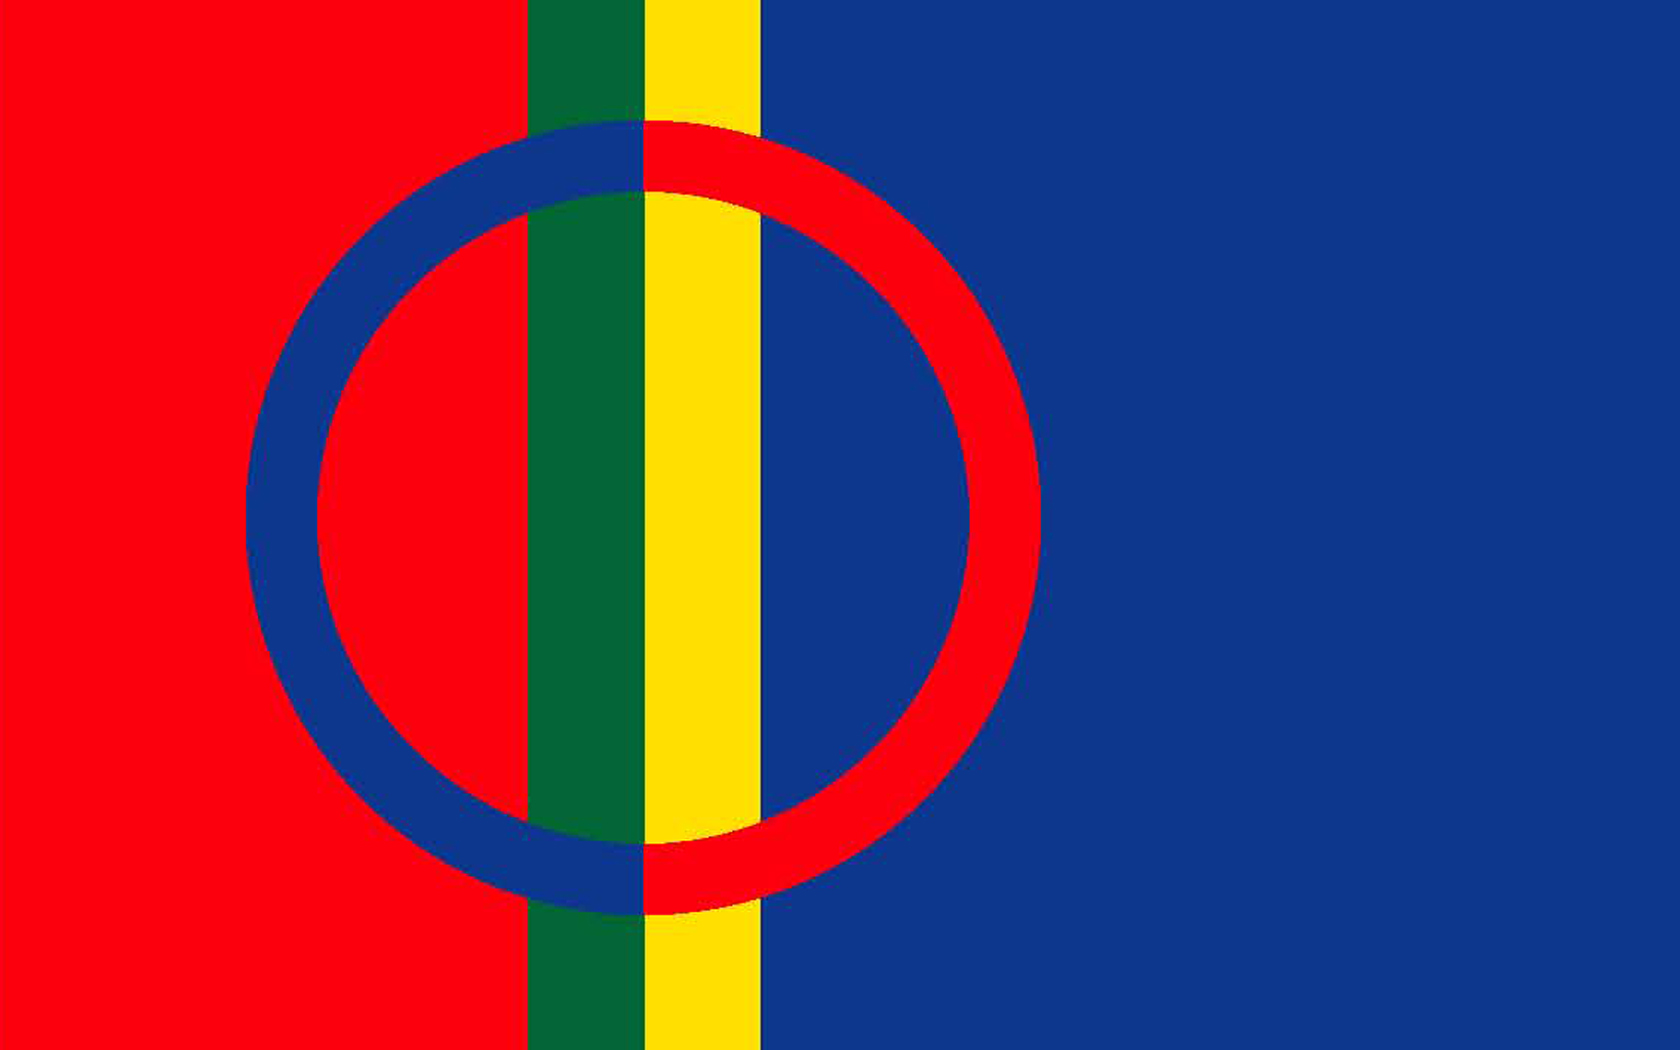 Sametingets plenum i Östersund, 31 maj – 2 juni 2016